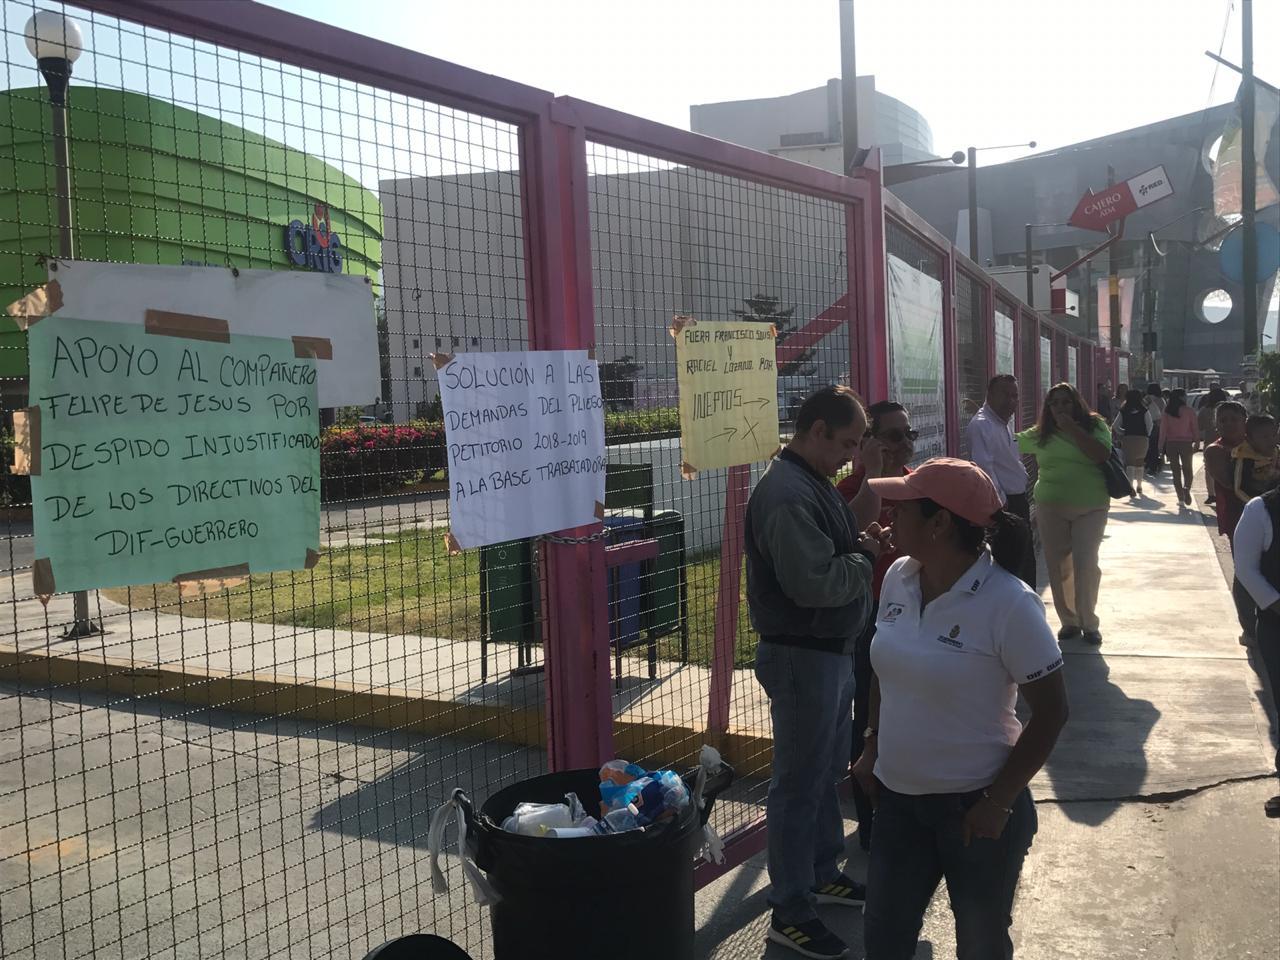 Toman el CRIG de Chilpancingo en defensa de trabajador despedido injustificadamente